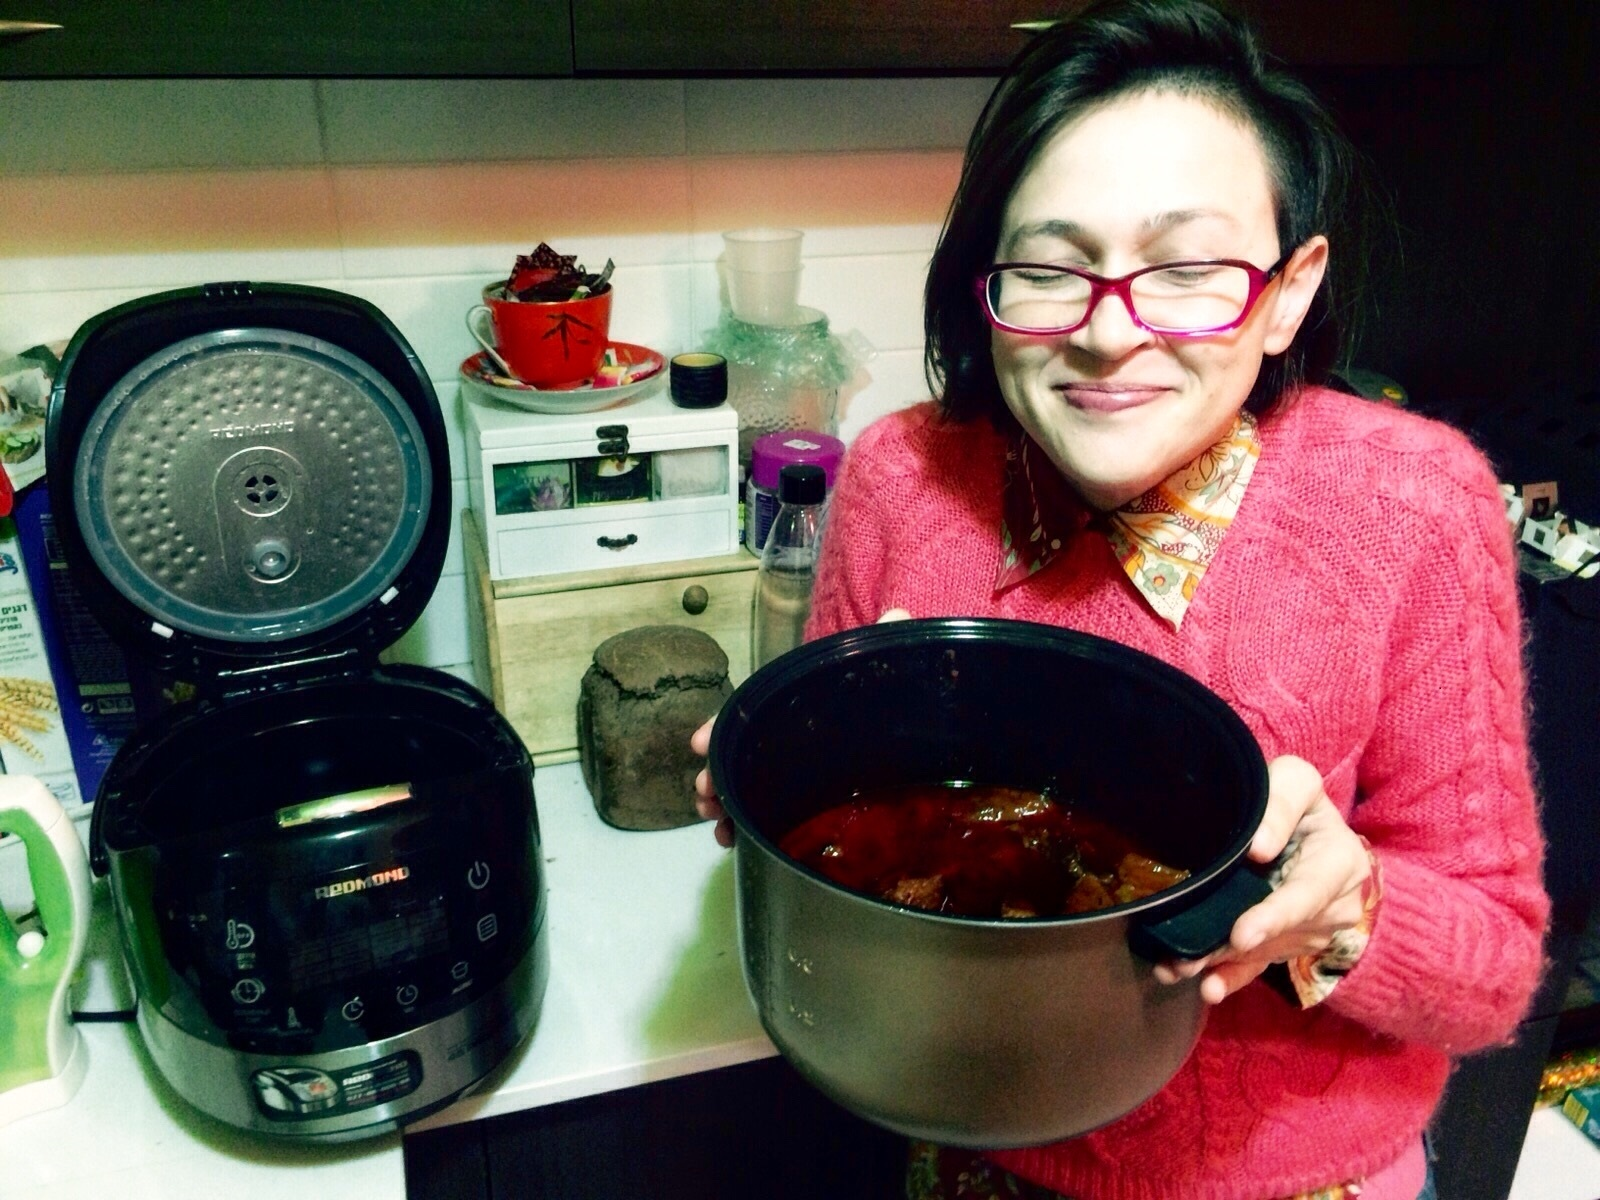 """Анна Розина: """"В мультиварке Redmond получается полезная и вкусная еда, которую очень любят дети"""""""